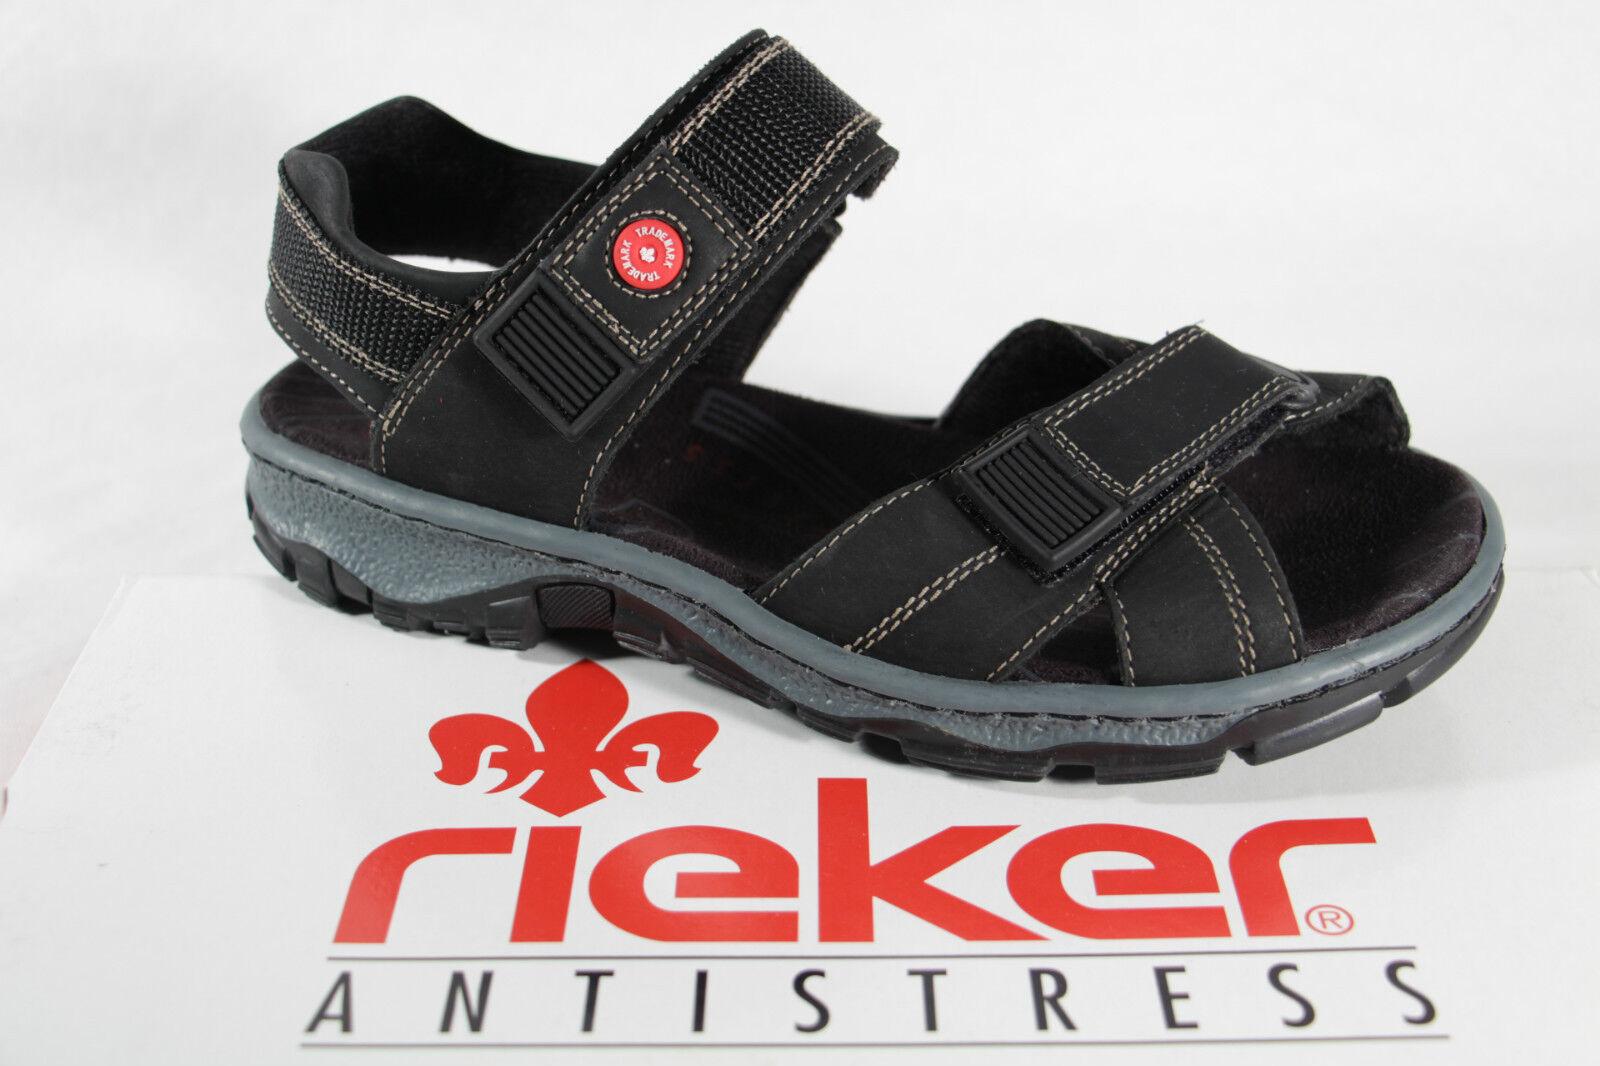 Rieker Damen Sandalen Sandaletten, schwarz, KV, weiches Innenfußbett 68851 NEU